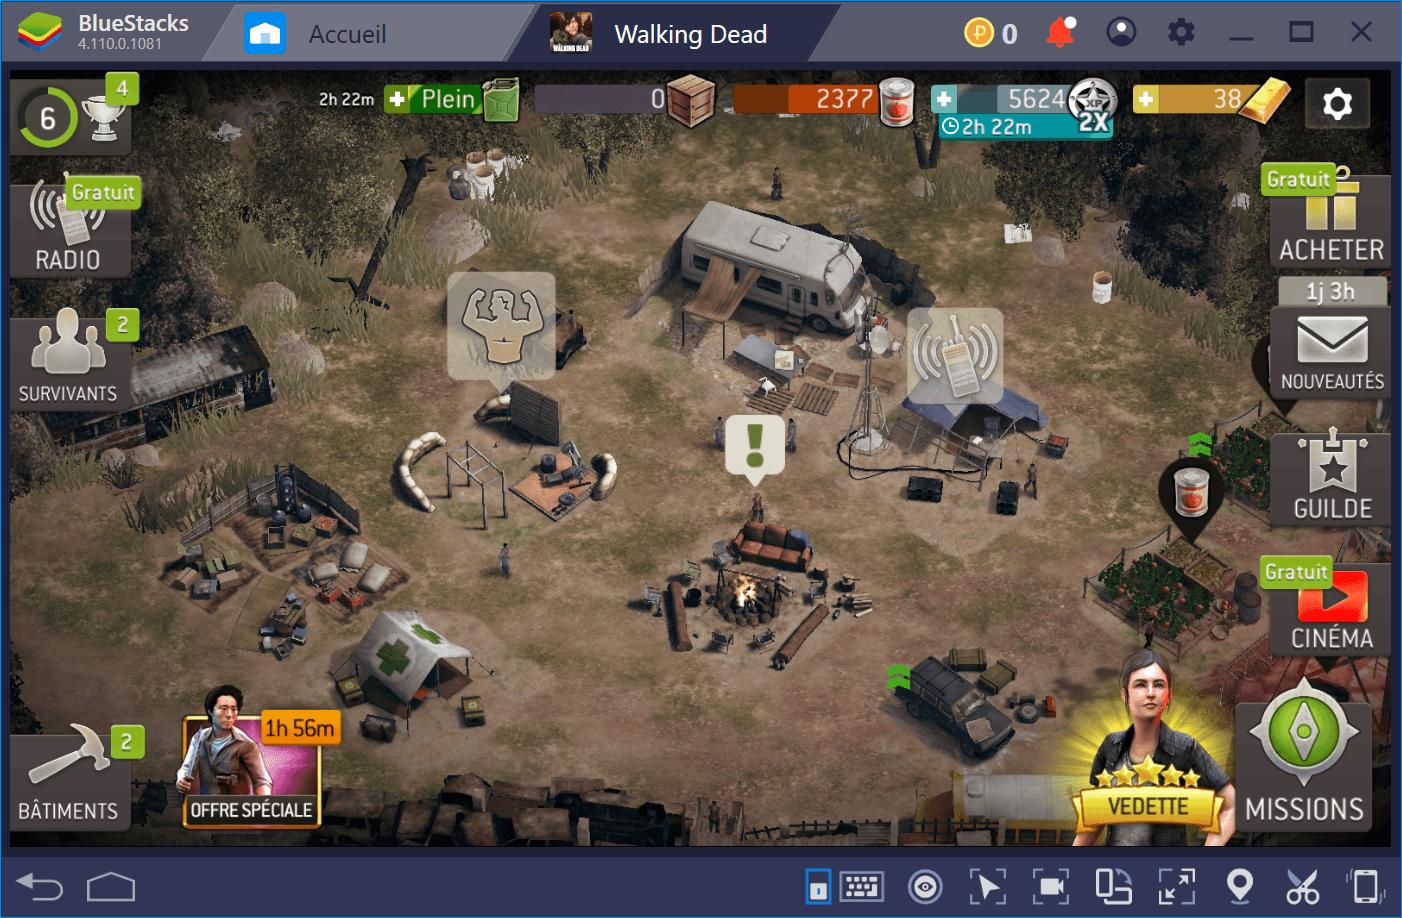 The Walking Dead No Man's Land – Préparer son équipe et tuer les rôdeurs